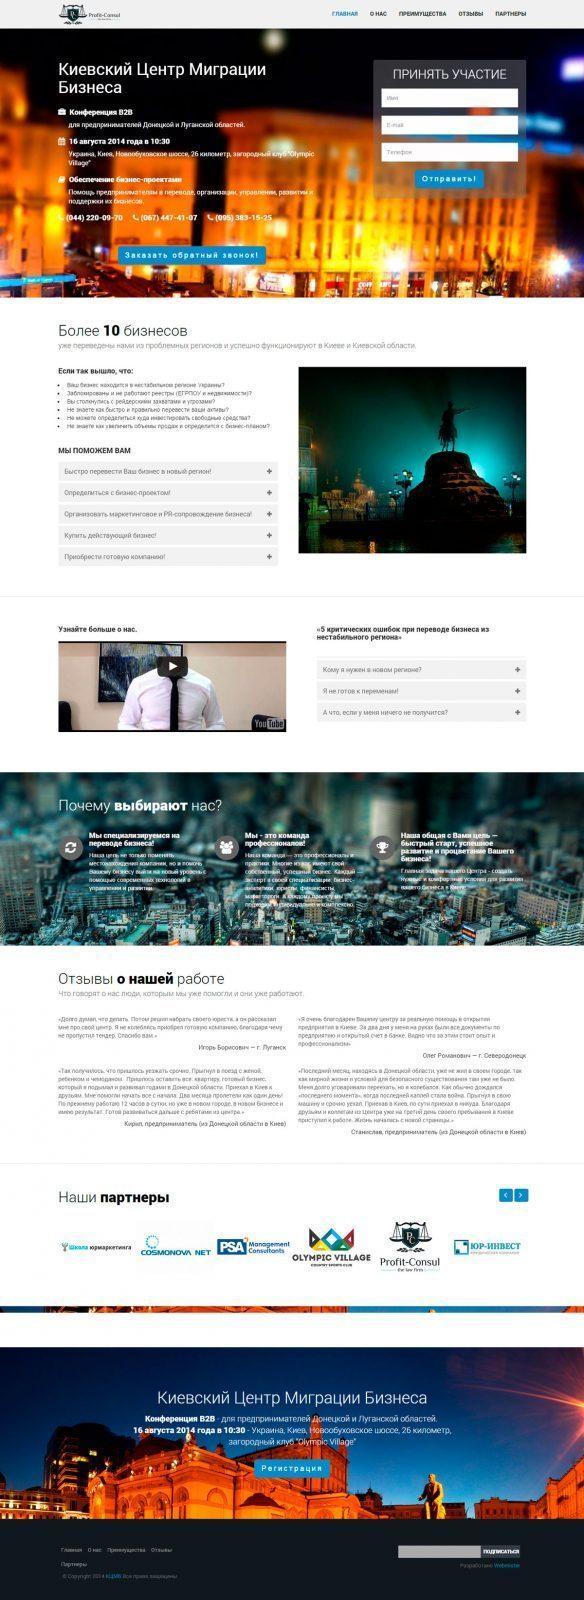 разработка сайта Киевский Центр Миграции Бизнеса